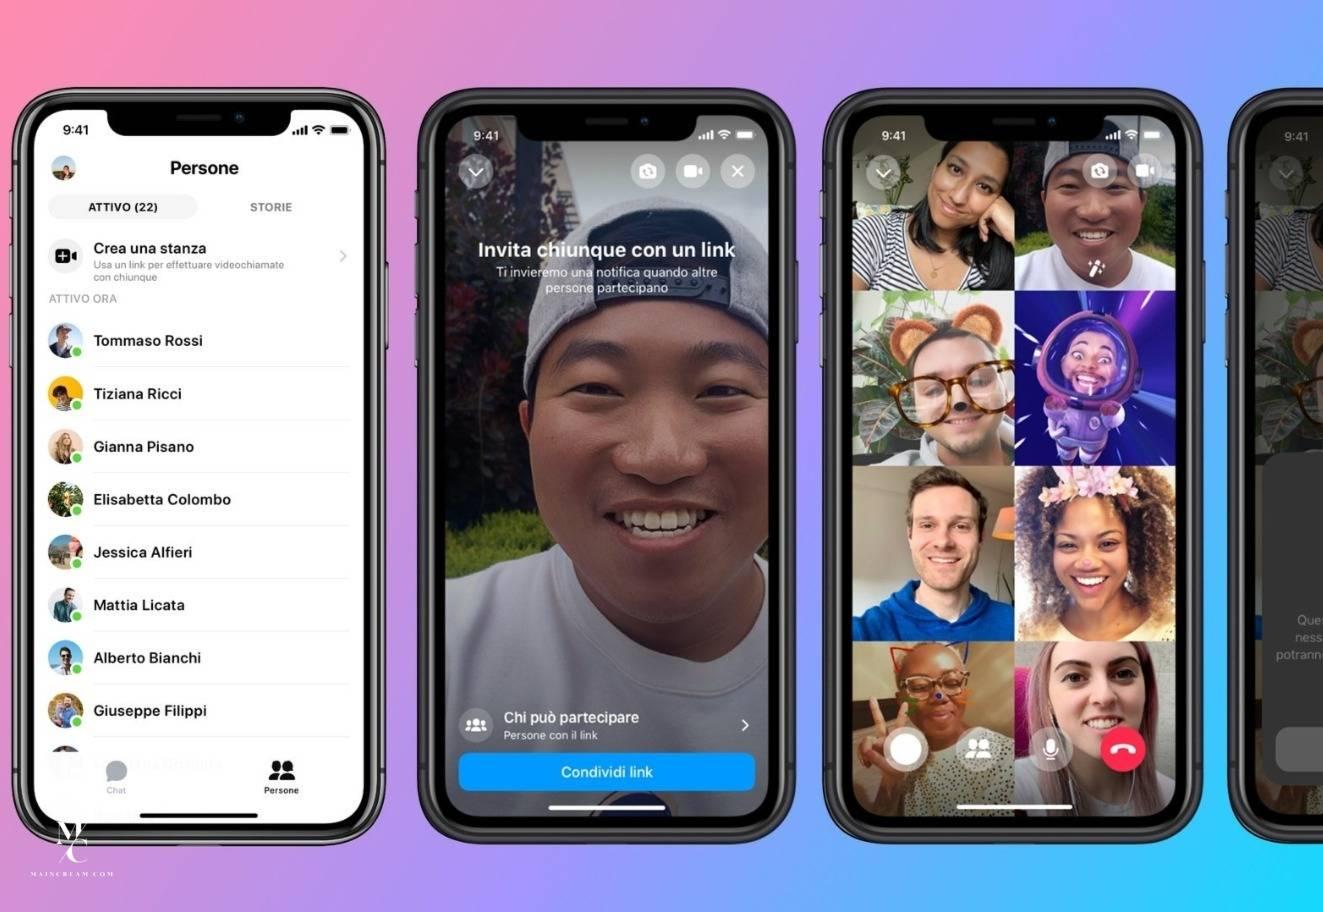 Instagram скоро включит функцию аудио и видеовызовов